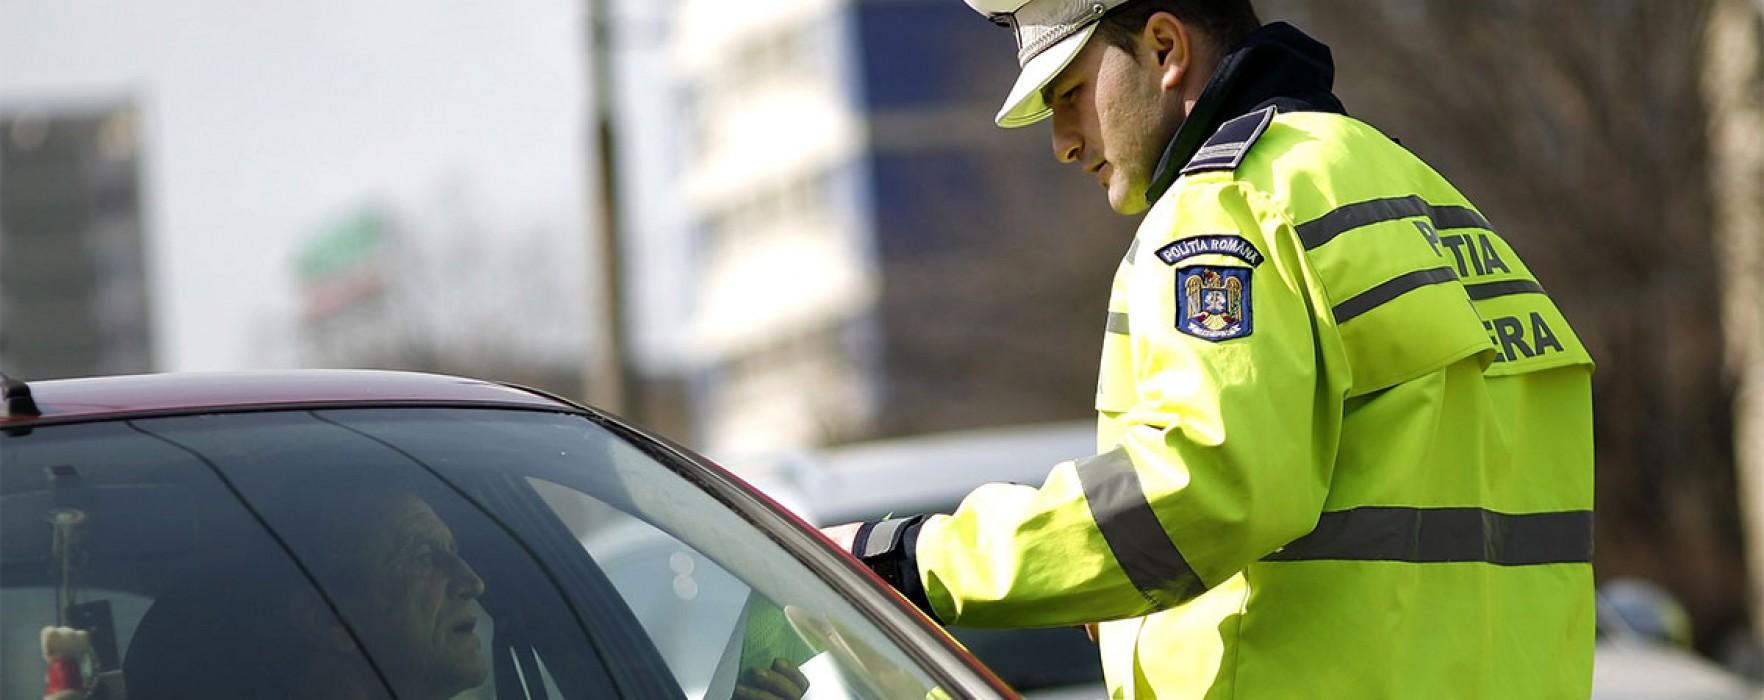 Dâmboviţa: Peste 6.200 de şoferi amendaţi în octombrie